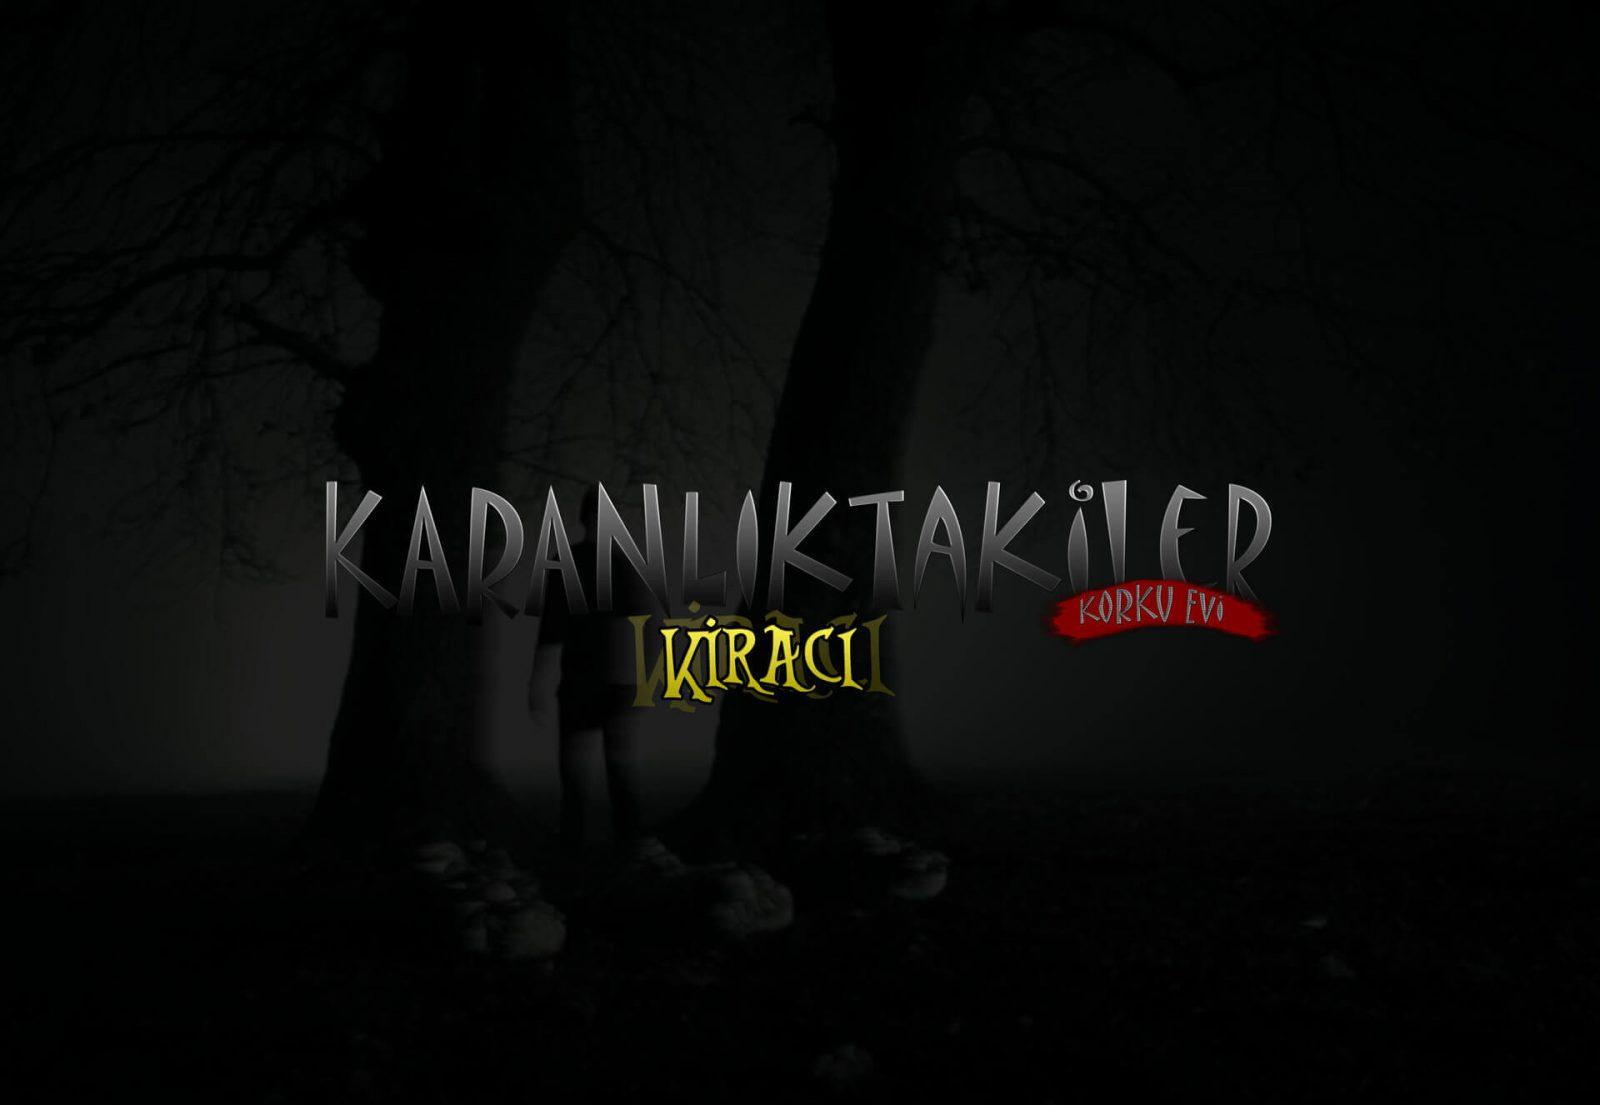 Karanlıktakiler - İstanbul - Kiracı Korku Evi ve Gerçek Evden Kaçış Oyunu